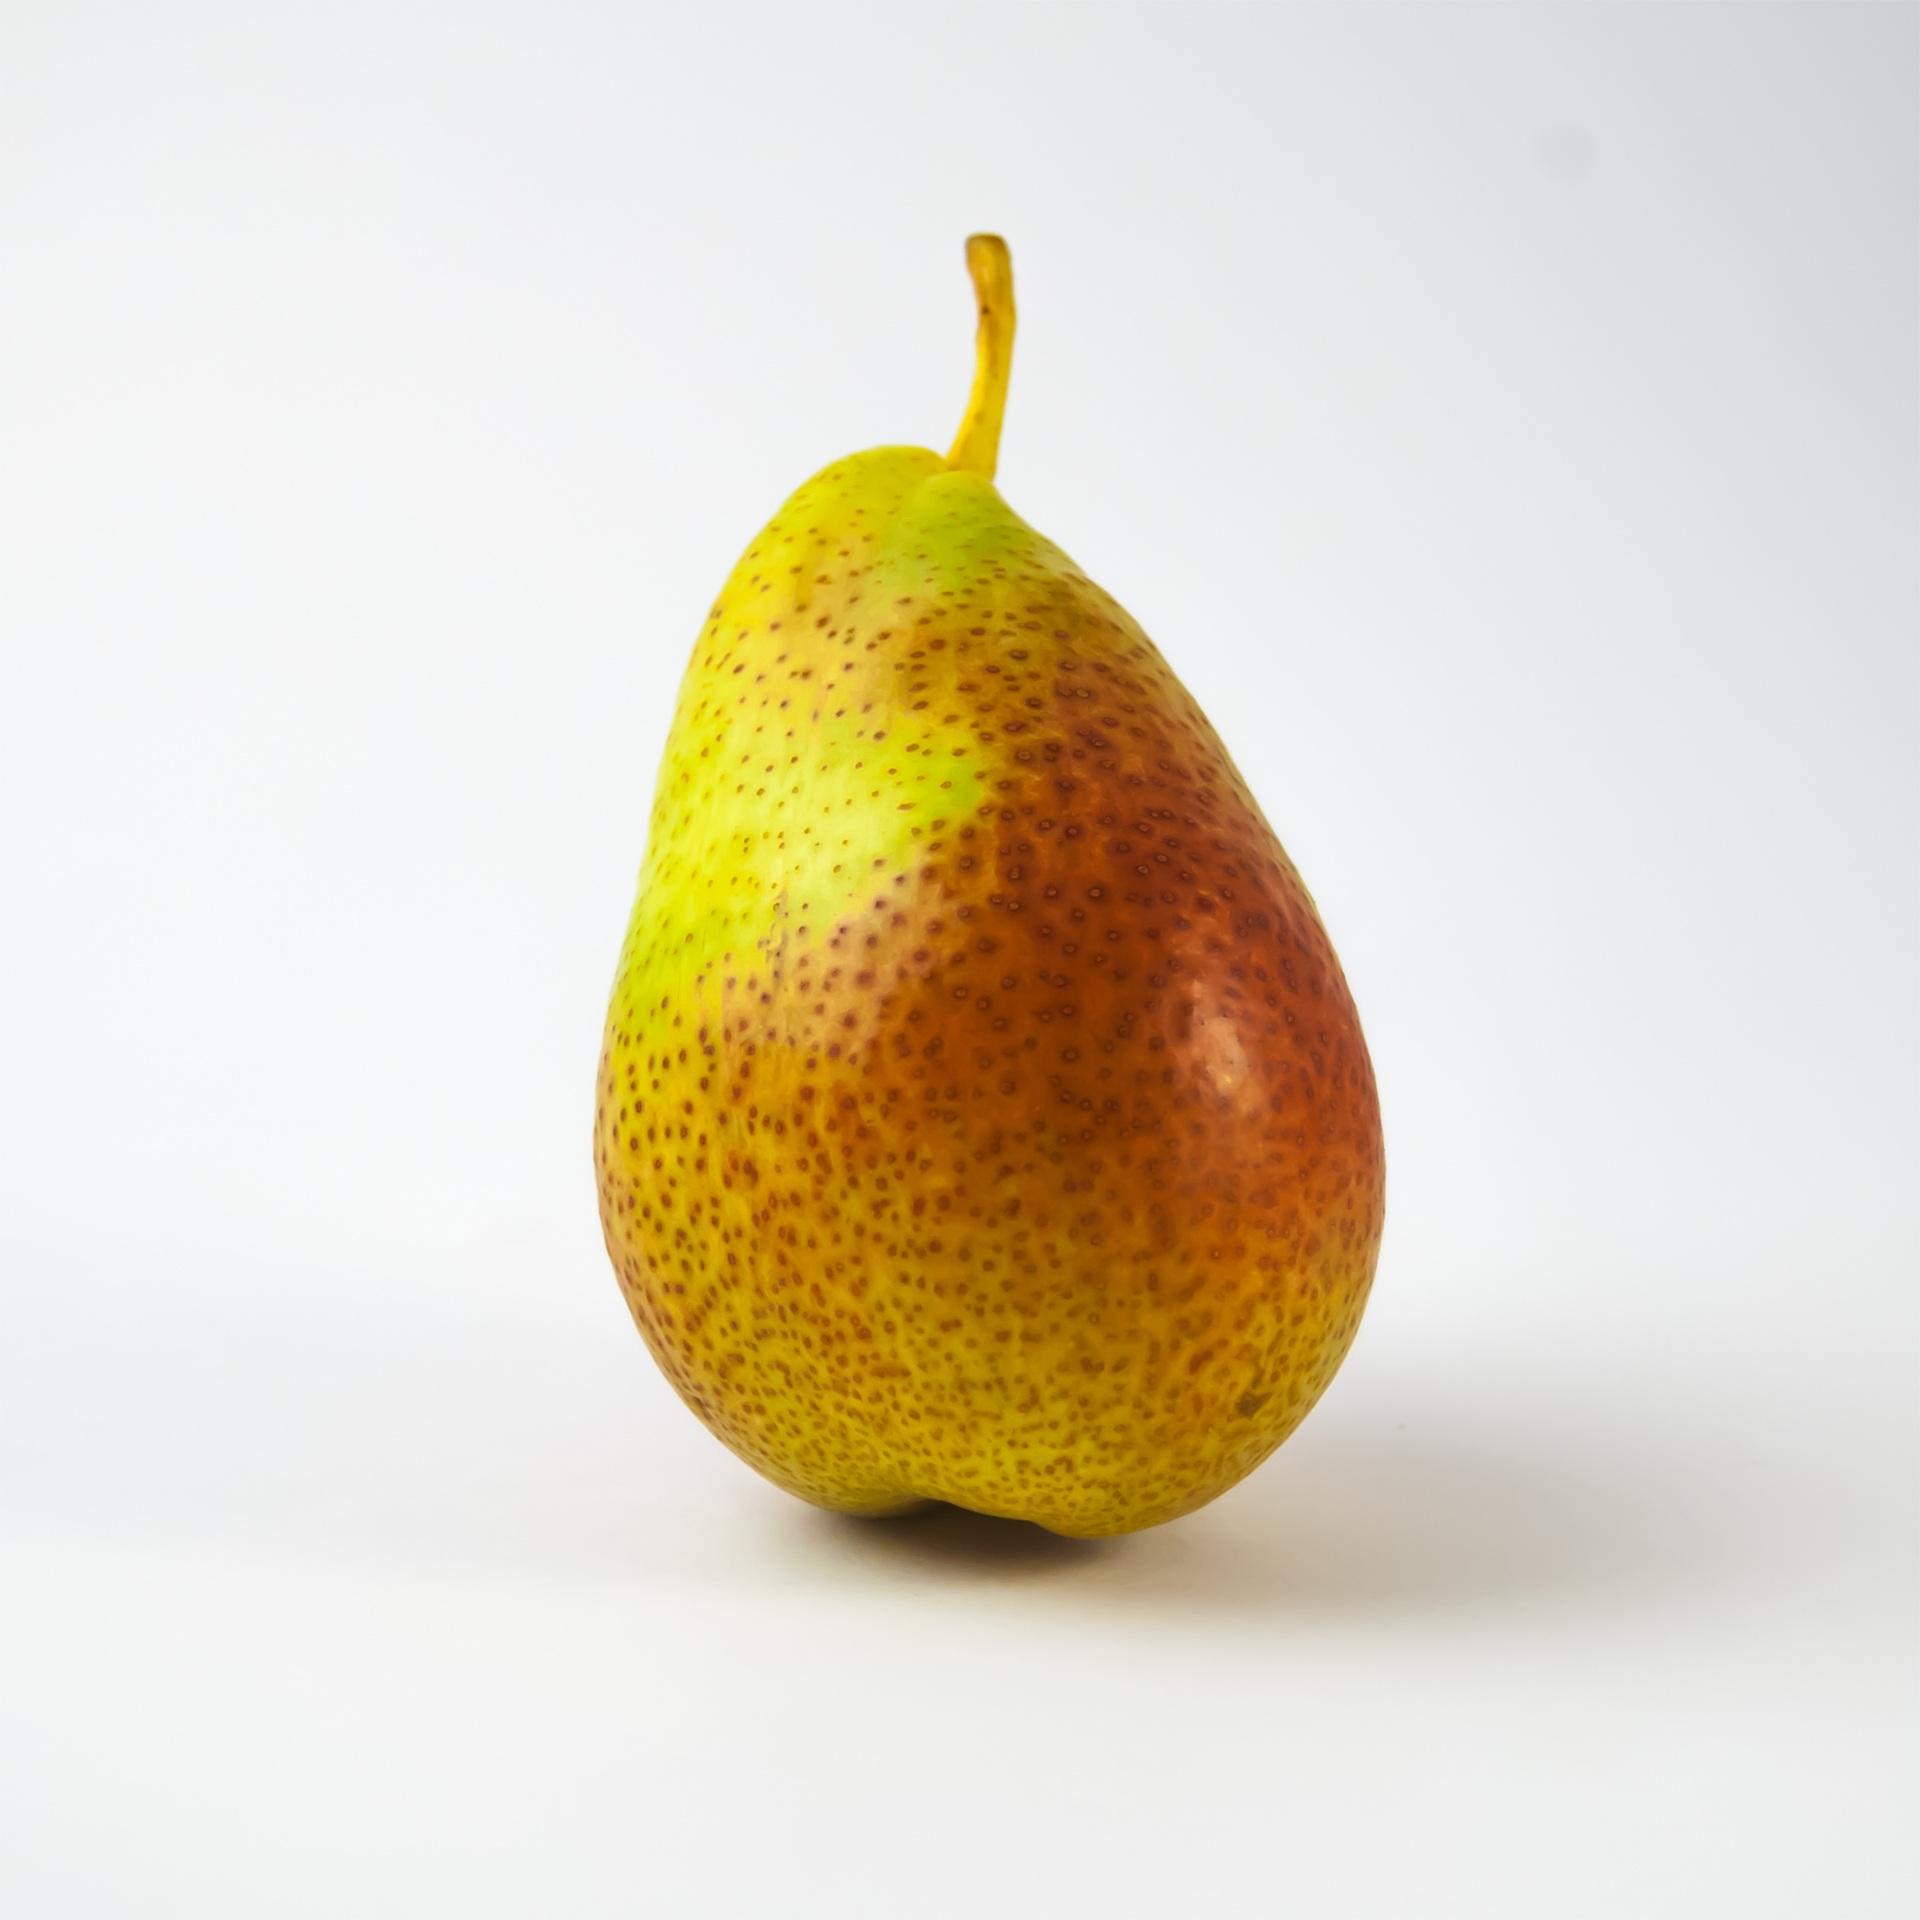 подобрала картинка одной груши фруктами которой